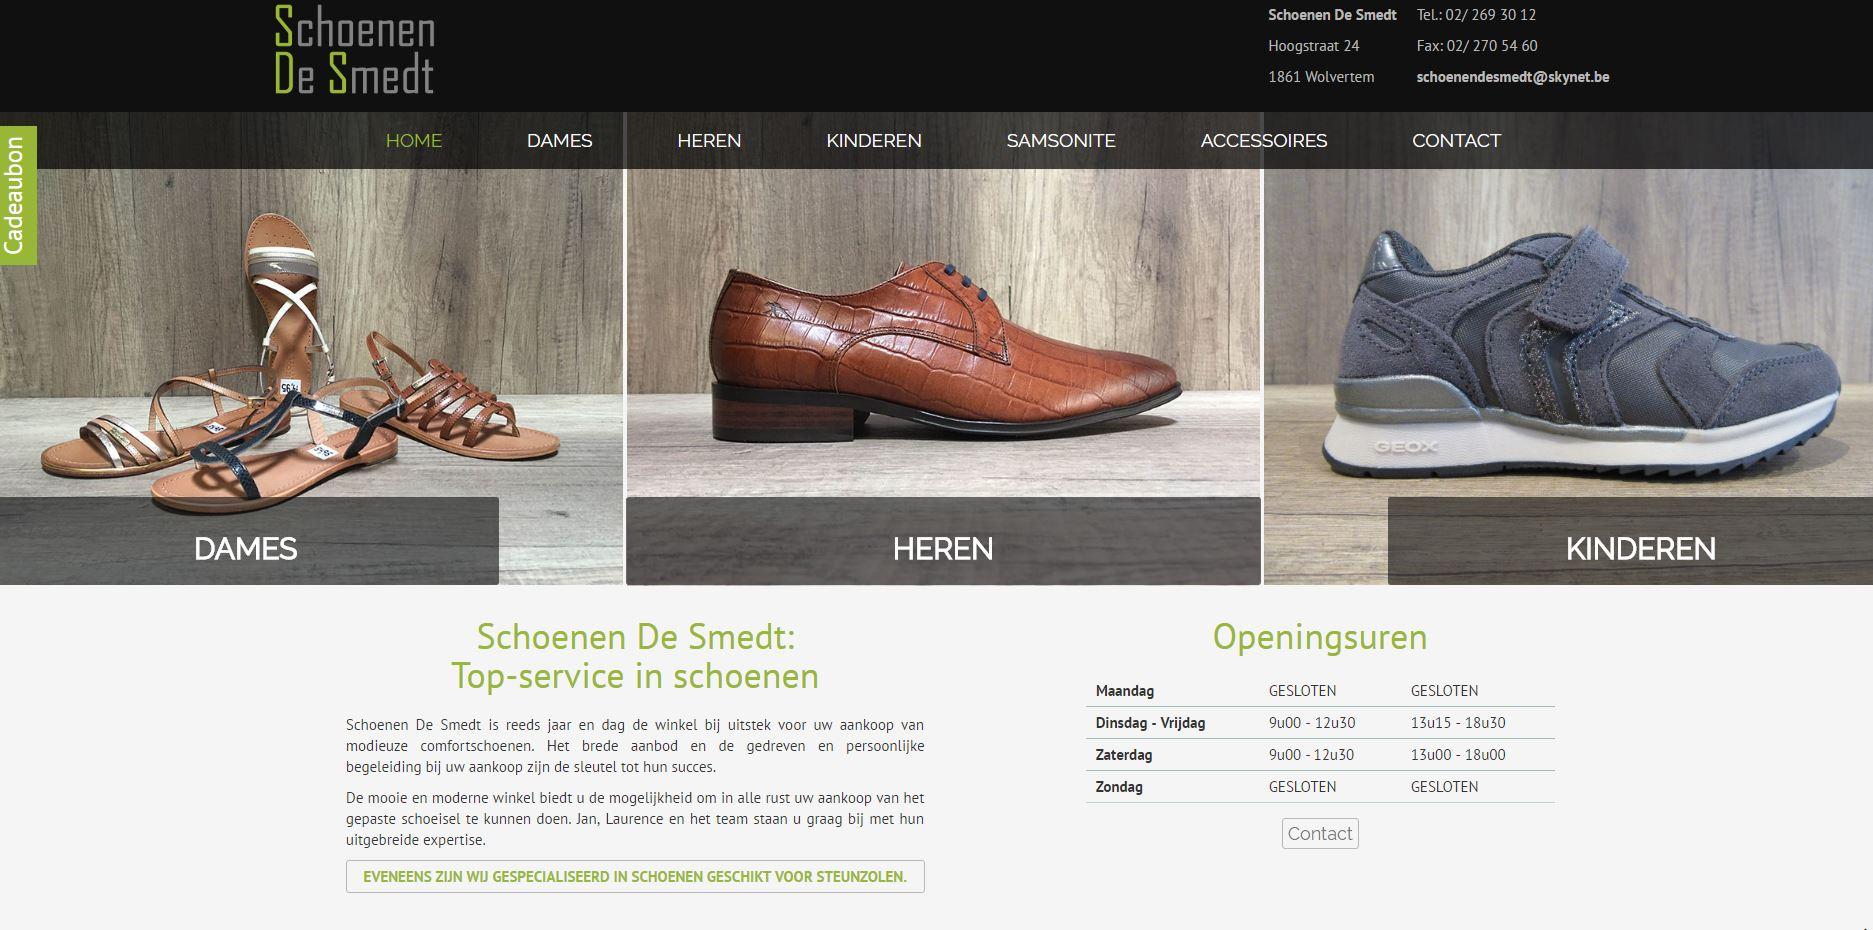 Schoenen De Smedt 0